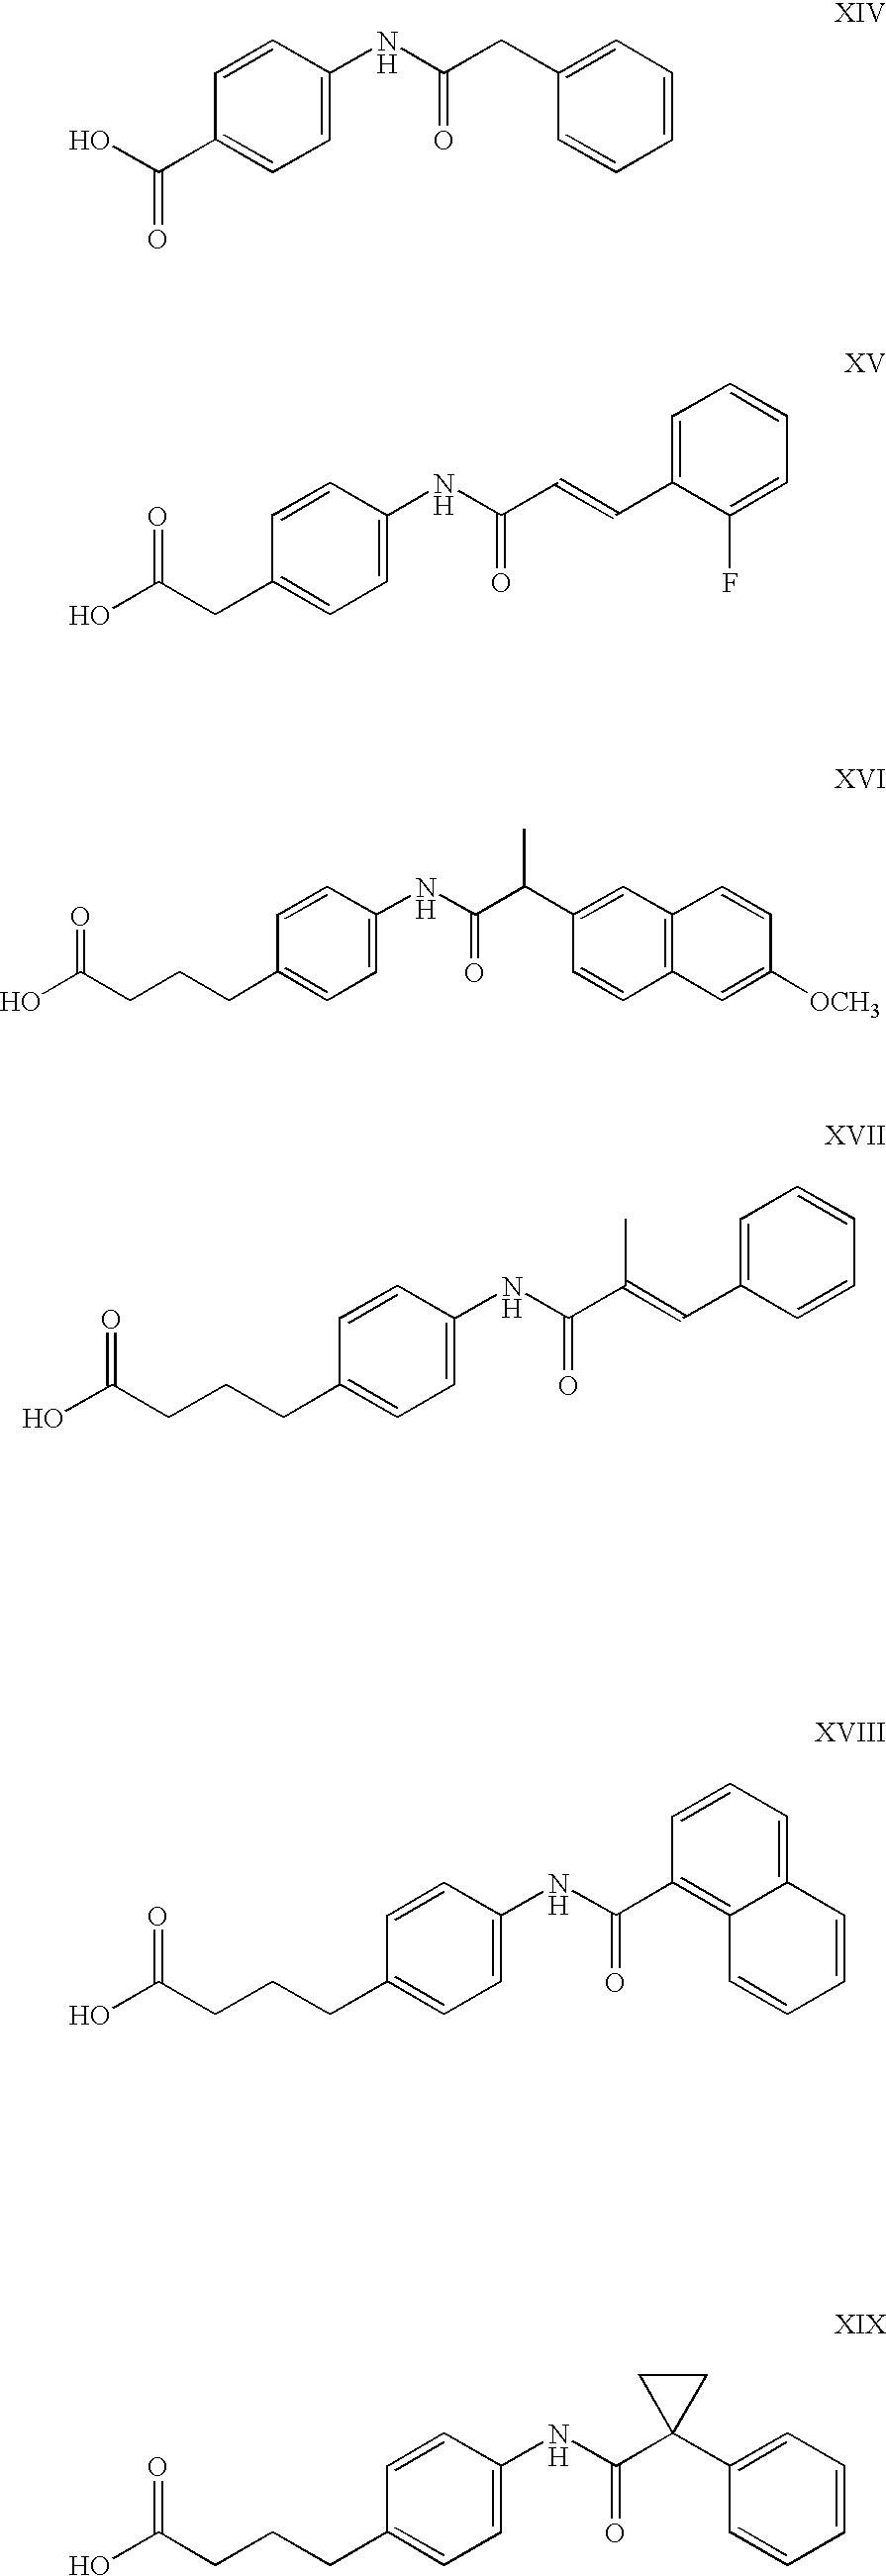 Figure US06663887-20031216-C00003